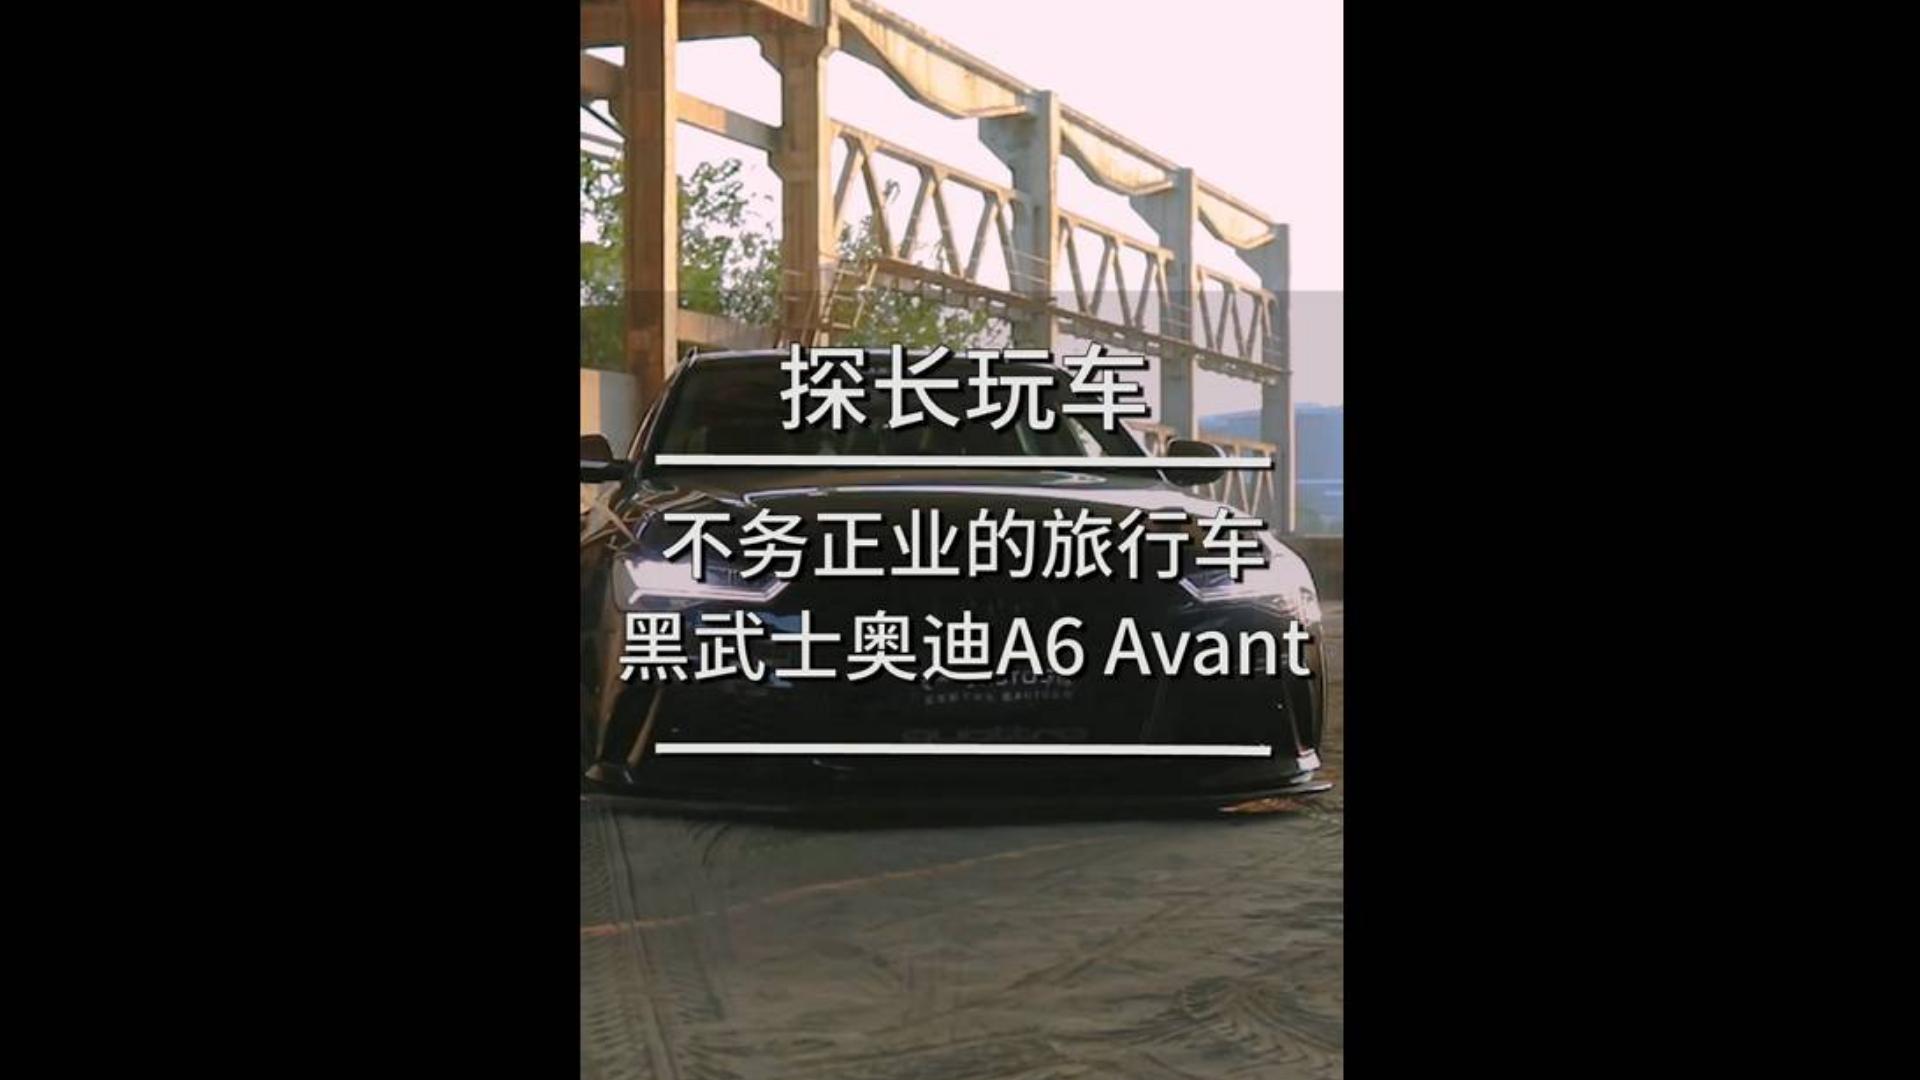 不务正业的旅行车 黑武士奥迪A6 Avant